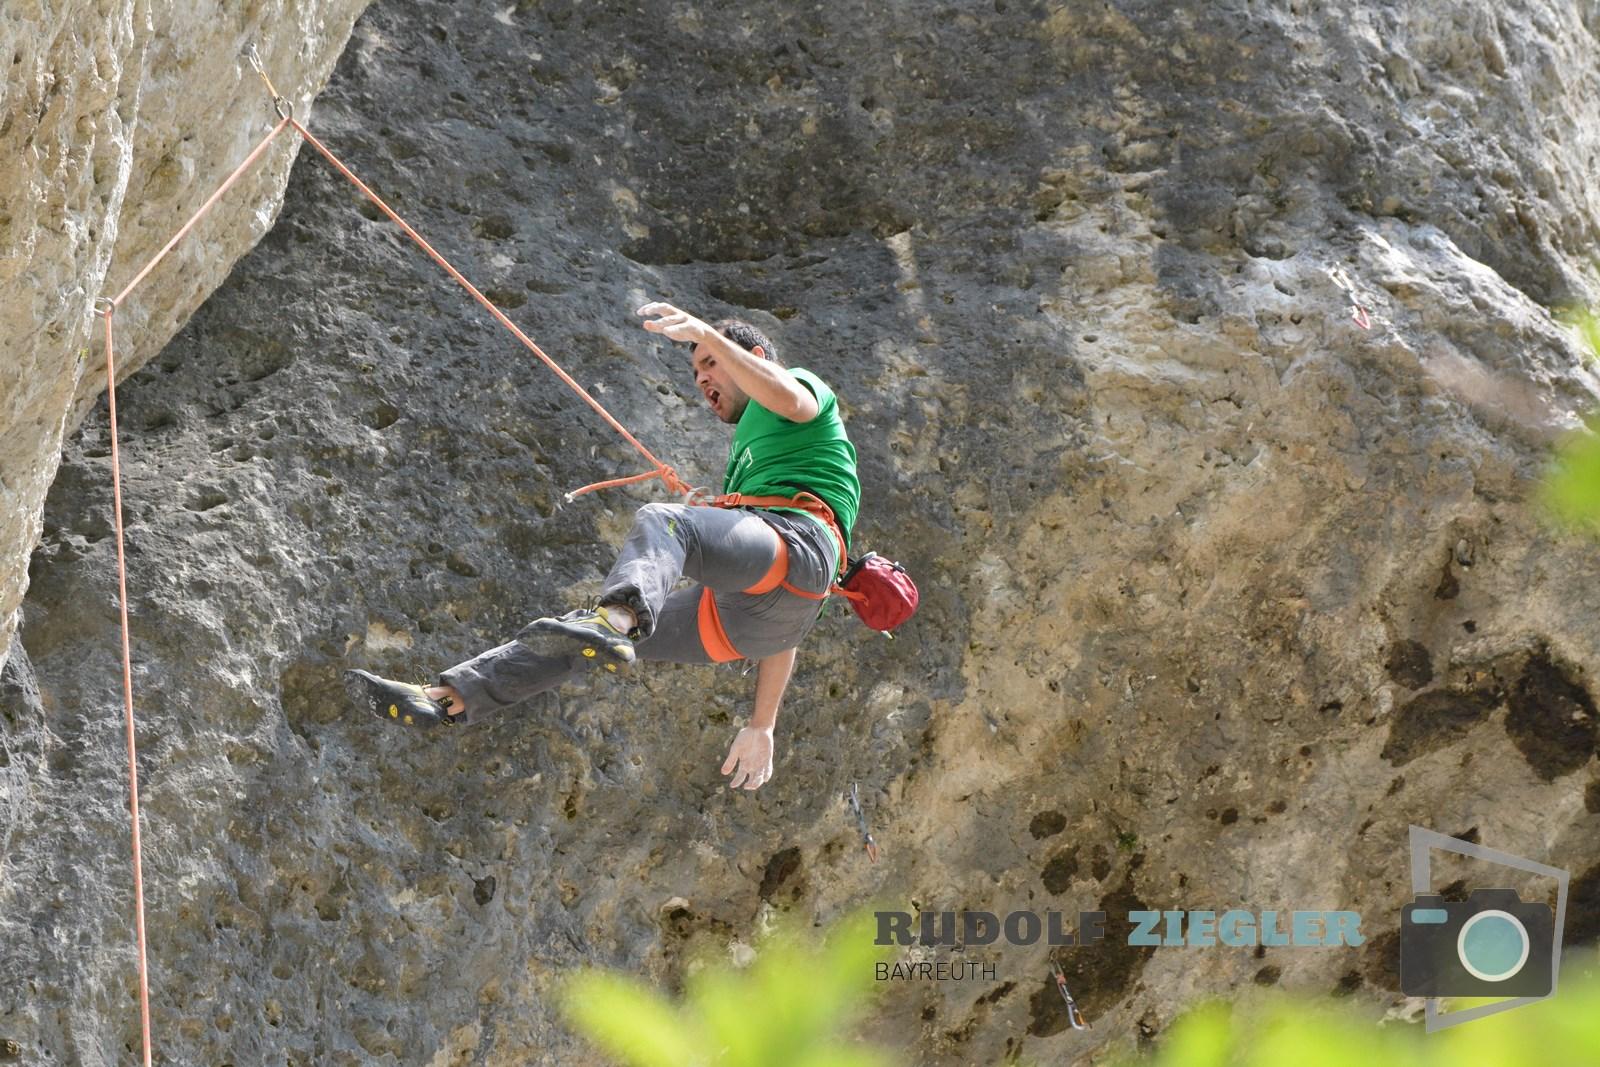 Klettern in der FRÄNKISCHEN 025-A (1600x1200)